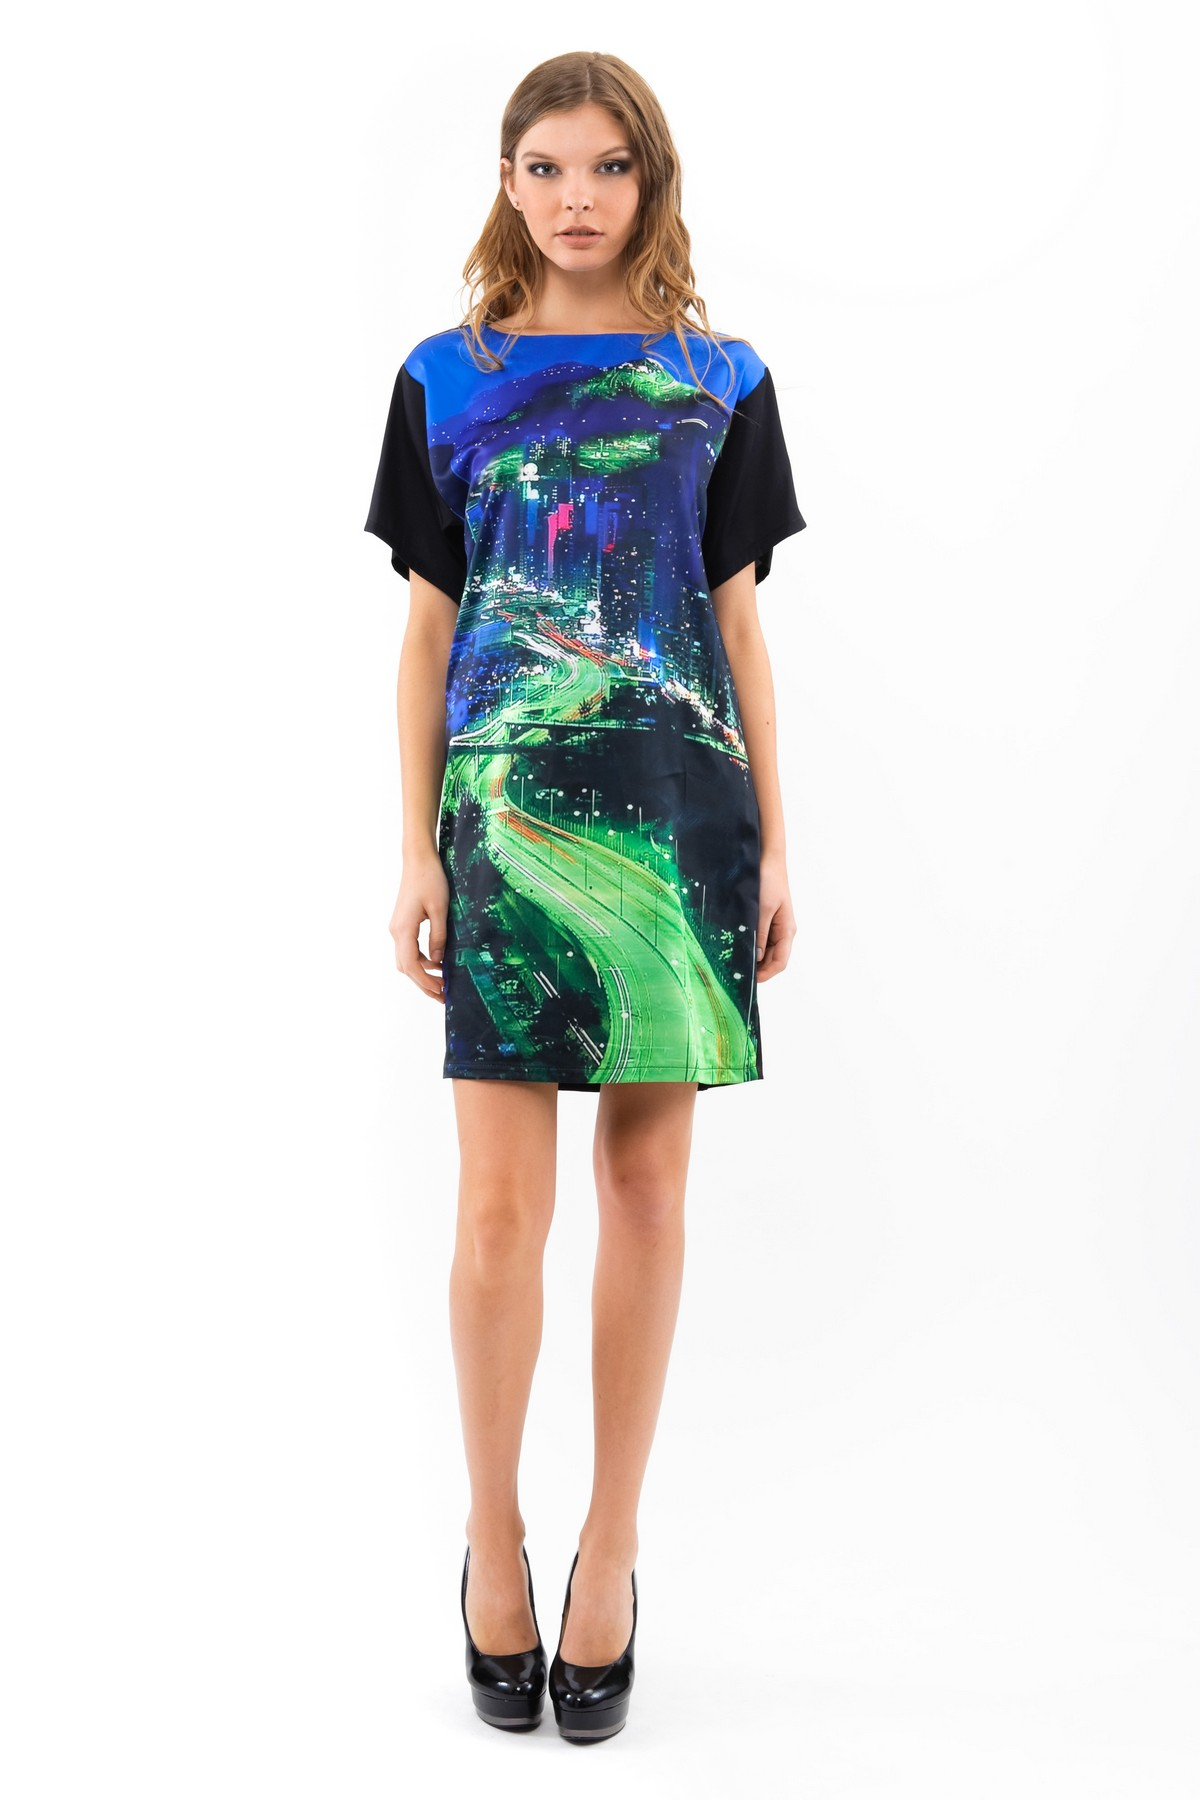 ПлатьеПлатья,  сарафаны<br>Женское платье, выполненное из высококачественного трикотажного материала. Модель с рукавами 3/4 и фигурным вырезом горловины украшенным отделкой имитирующей замшу. Прилегающее платье подчеркнет достоинства вашей фигуры и вы не останетесь не замеченной.<br><br>Цвет: черный,зеленый<br>Состав: 97%полиэстер, 3%лайкра<br>Размер: 40,42,46,56,58,60<br>Страна дизайна: Россия<br>Страна производства: Россия